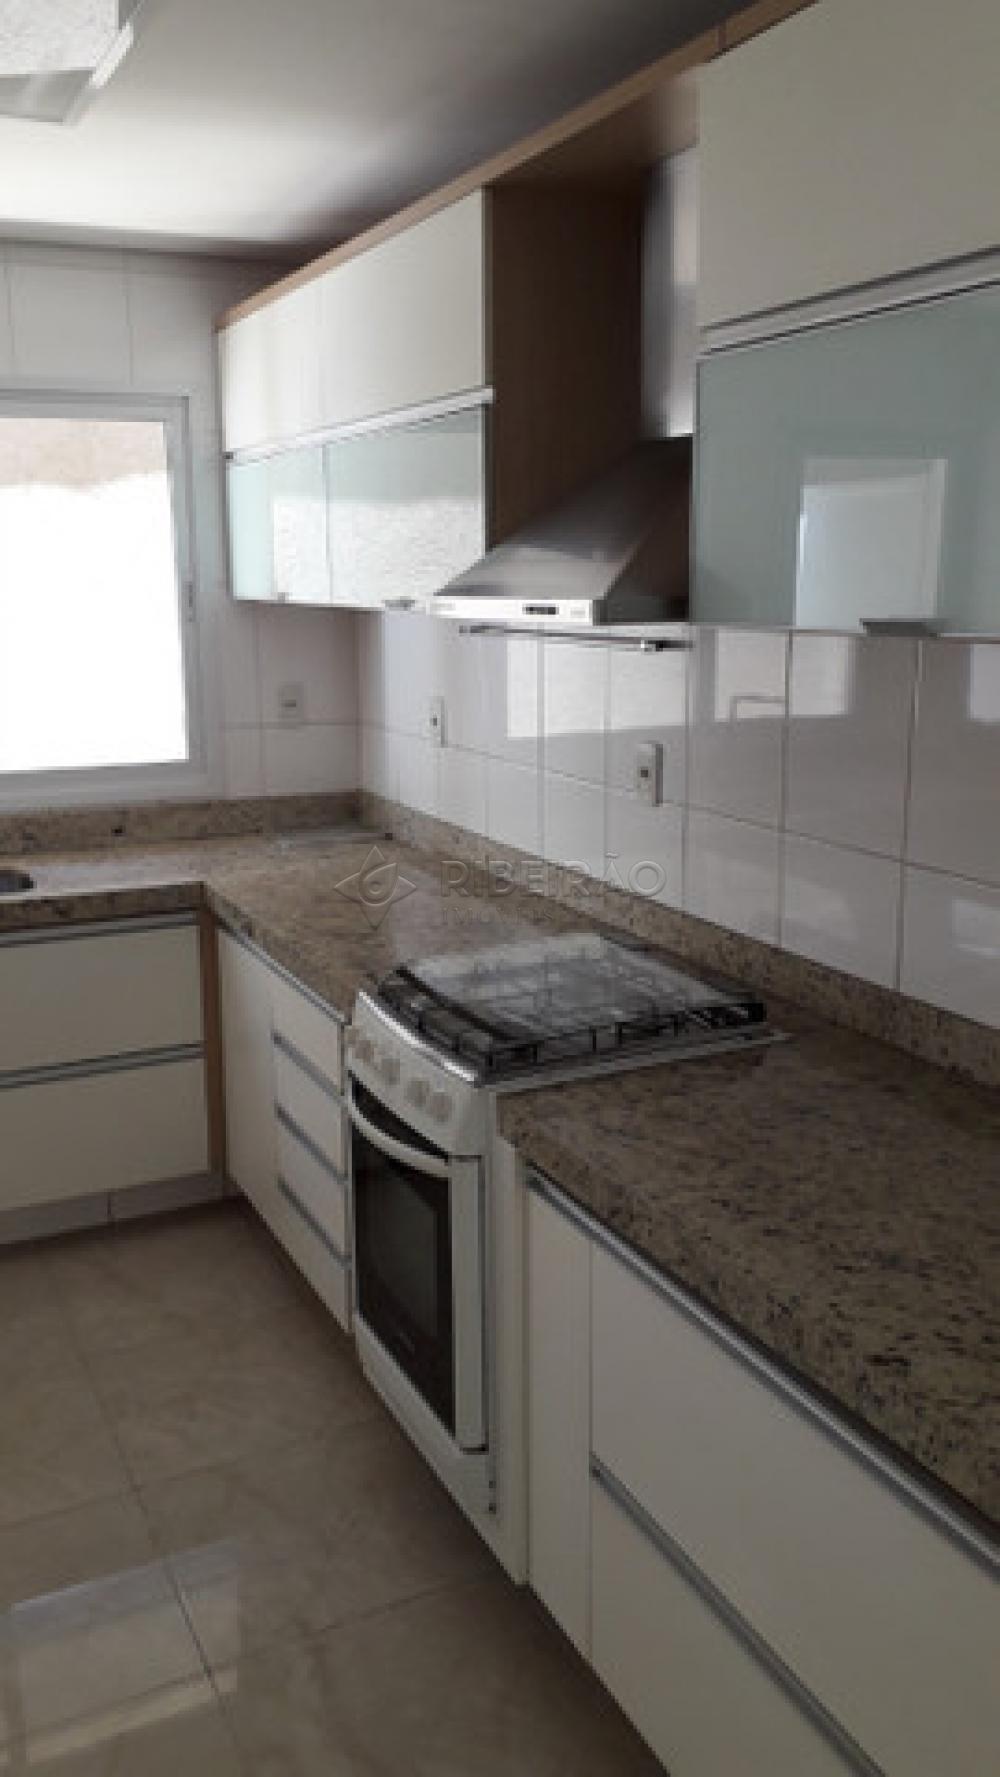 Comprar Casa / Padrão em Ribeirão Preto apenas R$ 670.000,00 - Foto 12